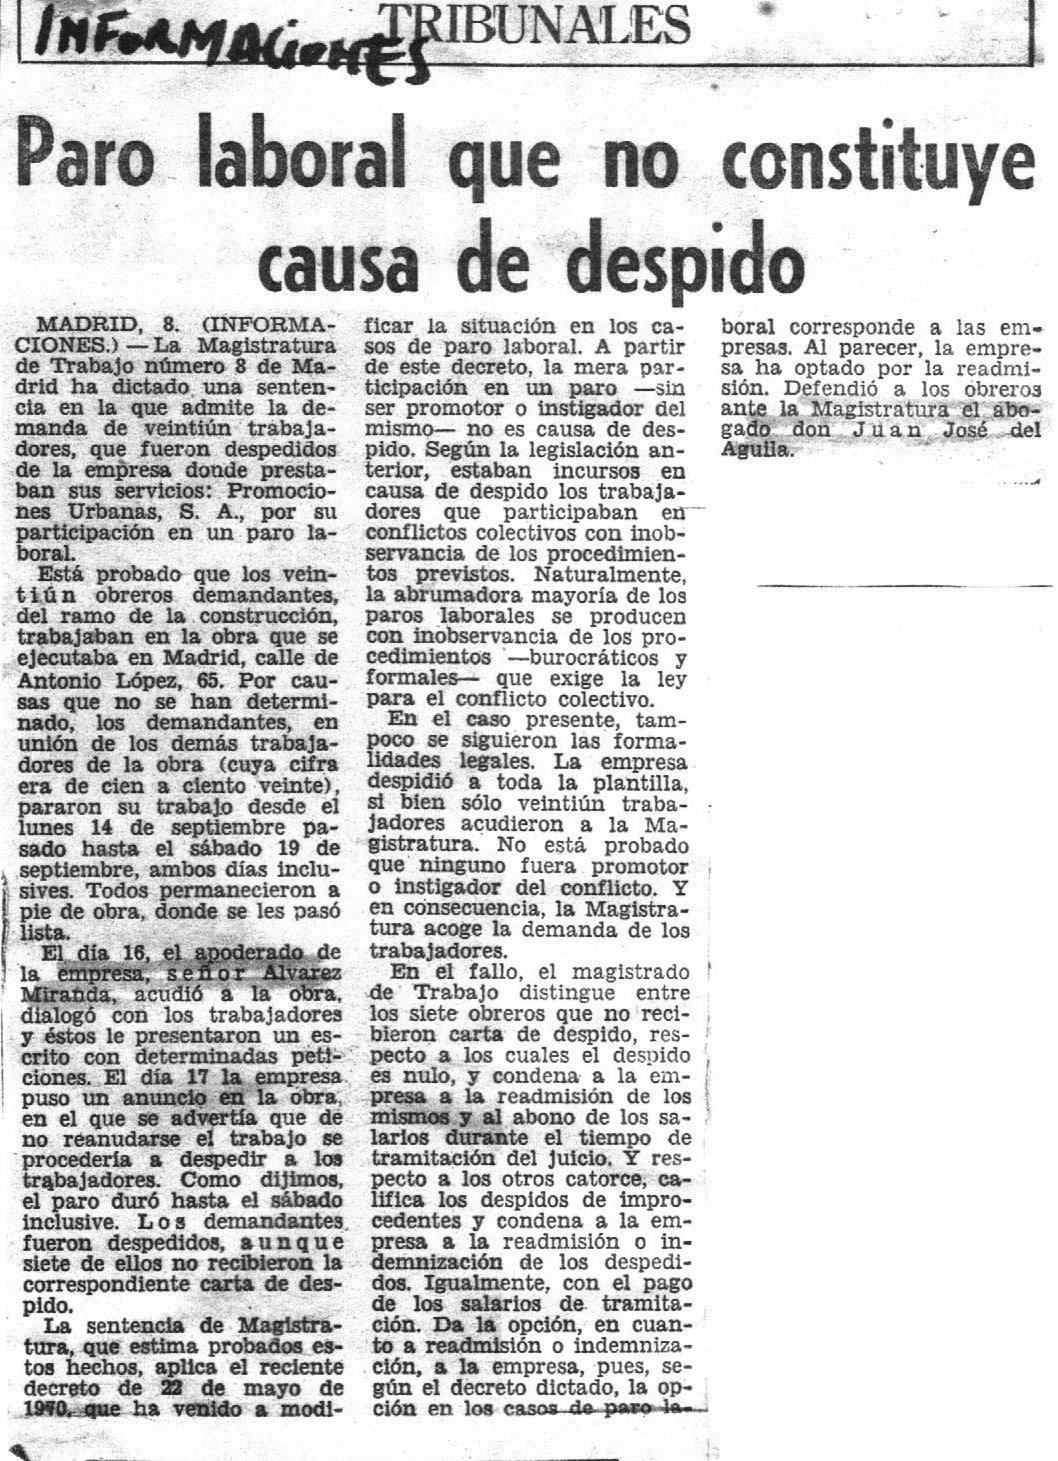 Informaciones 09/12/71